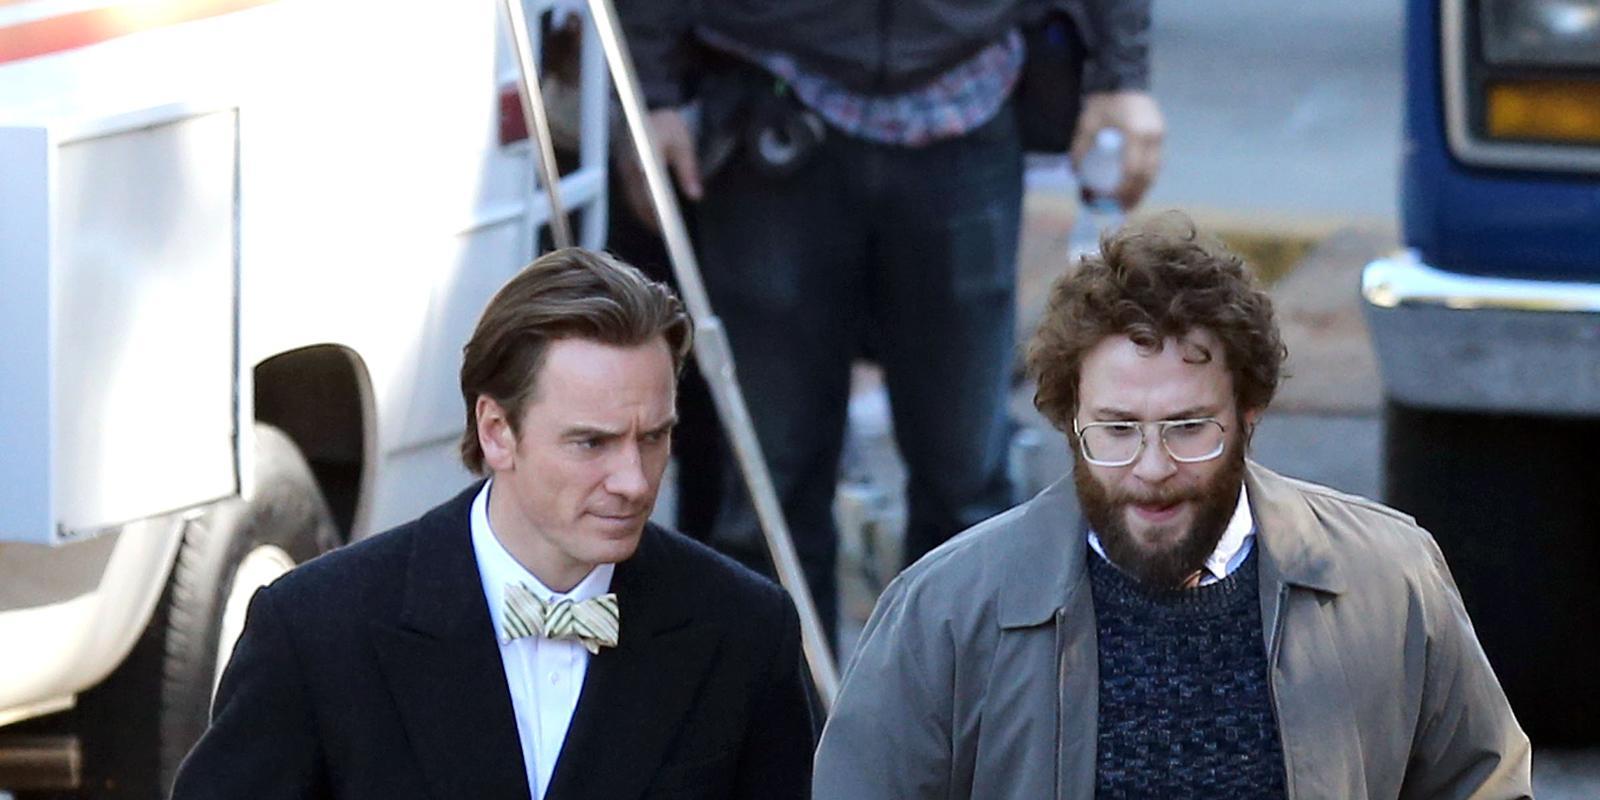 Steve jobs film michael fassbender dating